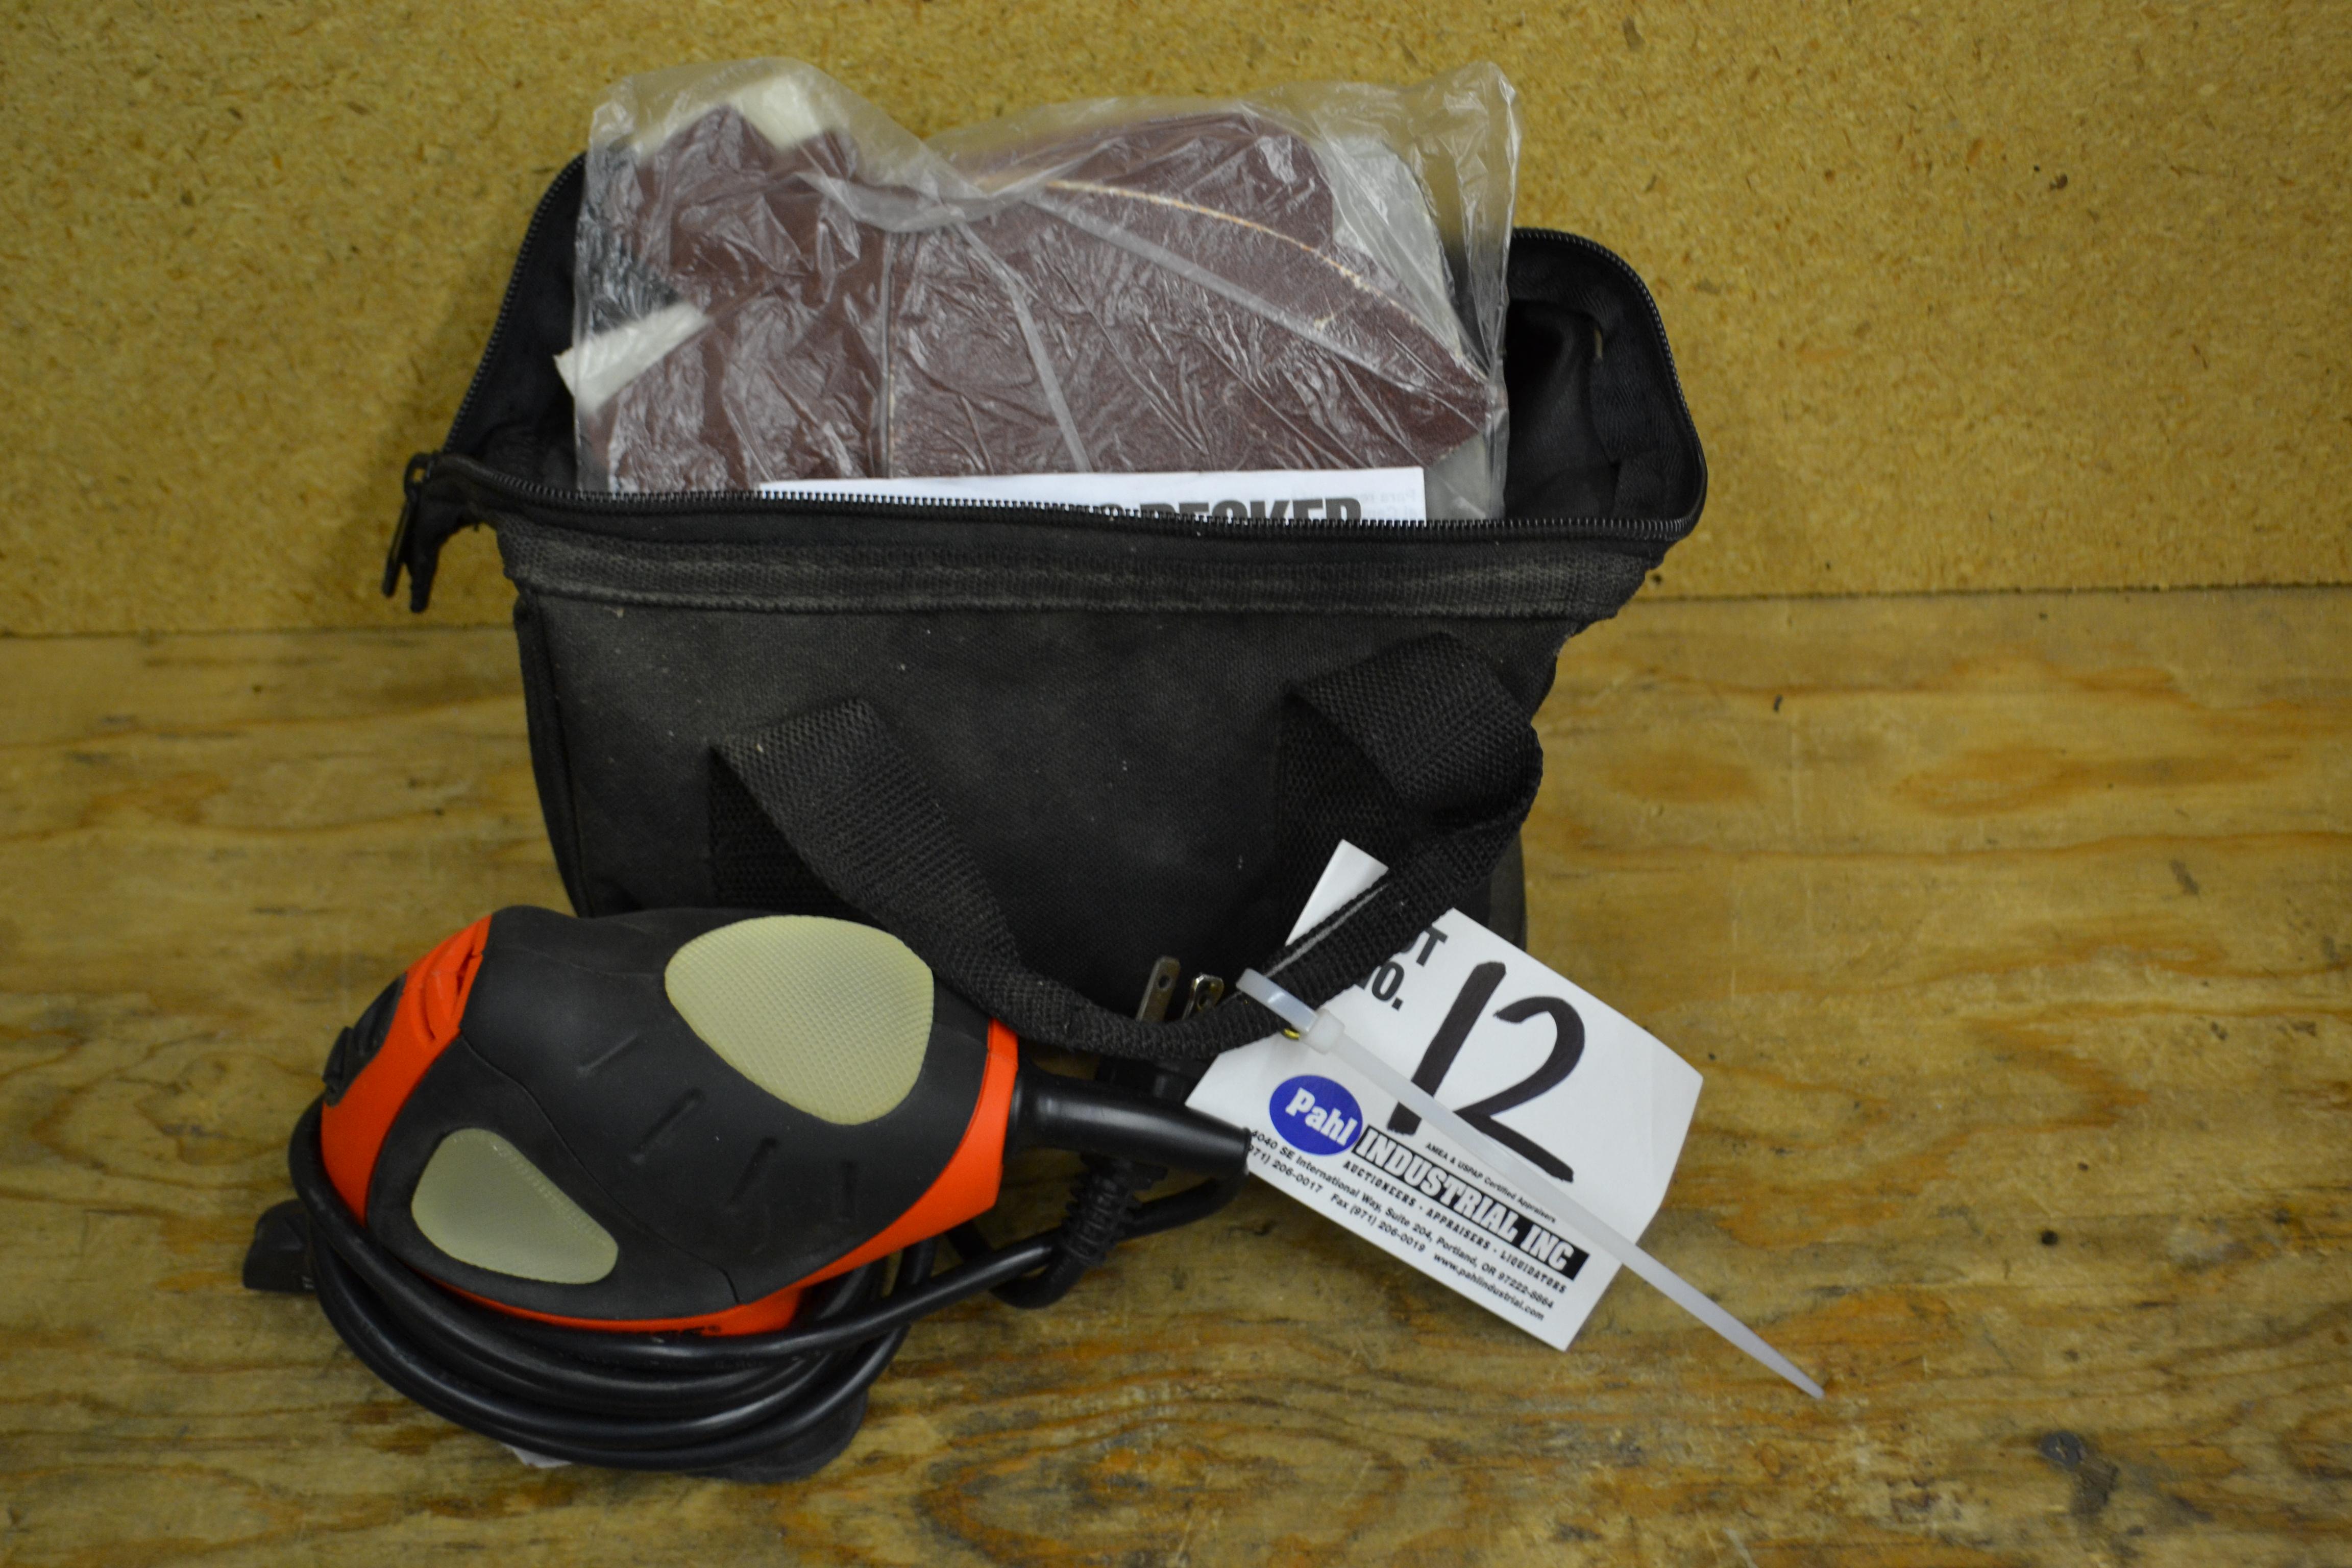 Black and Decker Mouse sander/polisher